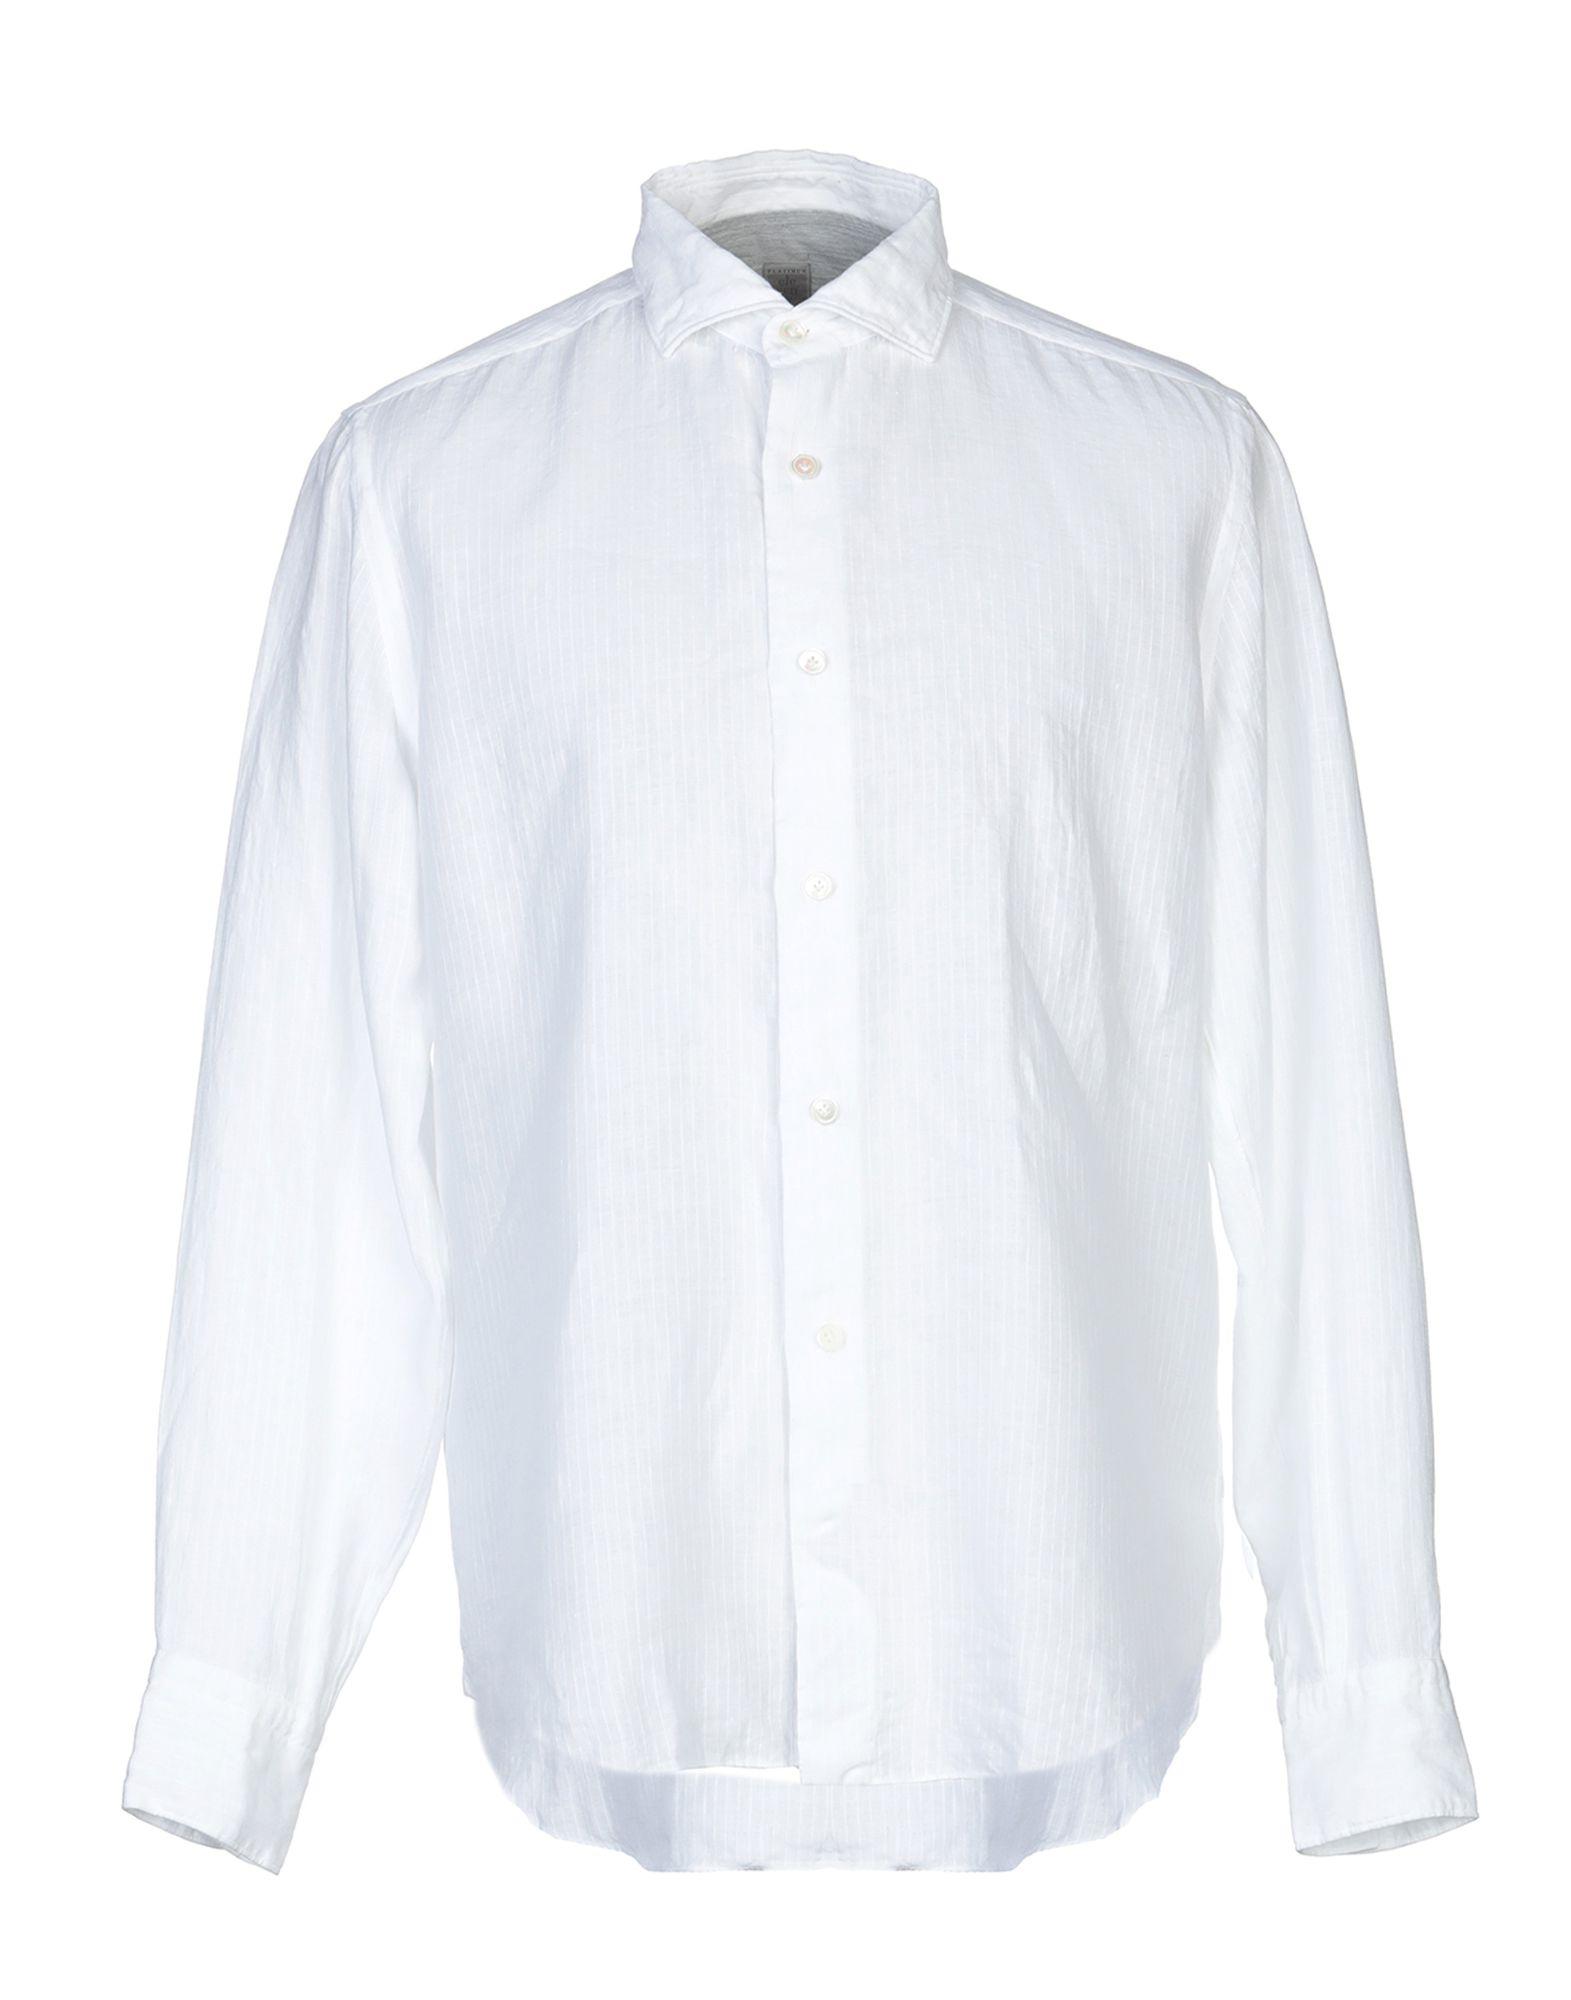 《送料無料》ELEVENTY メンズ シャツ ホワイト 42 麻 100% / コットン